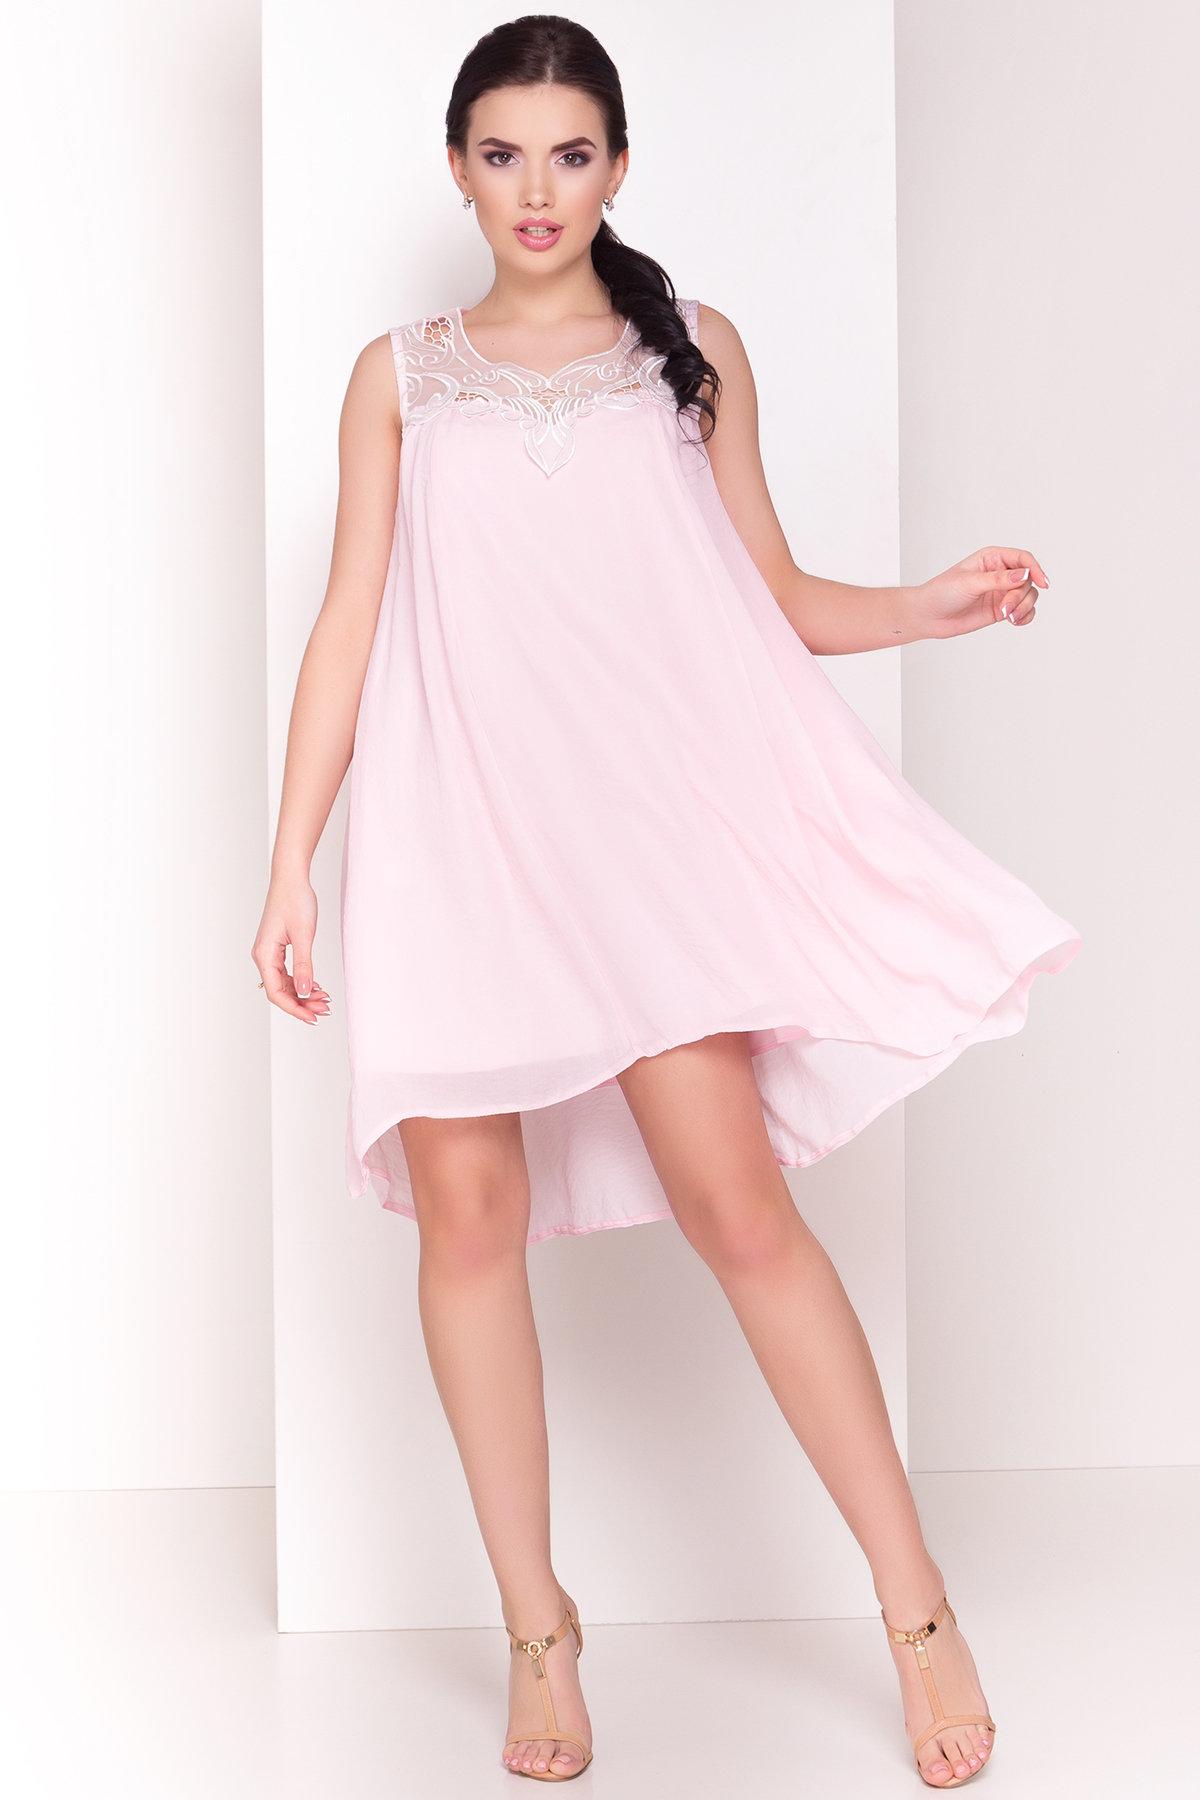 Оптовый интернет-магазин платьев Modus Платье свободного кроя Альбина 3110